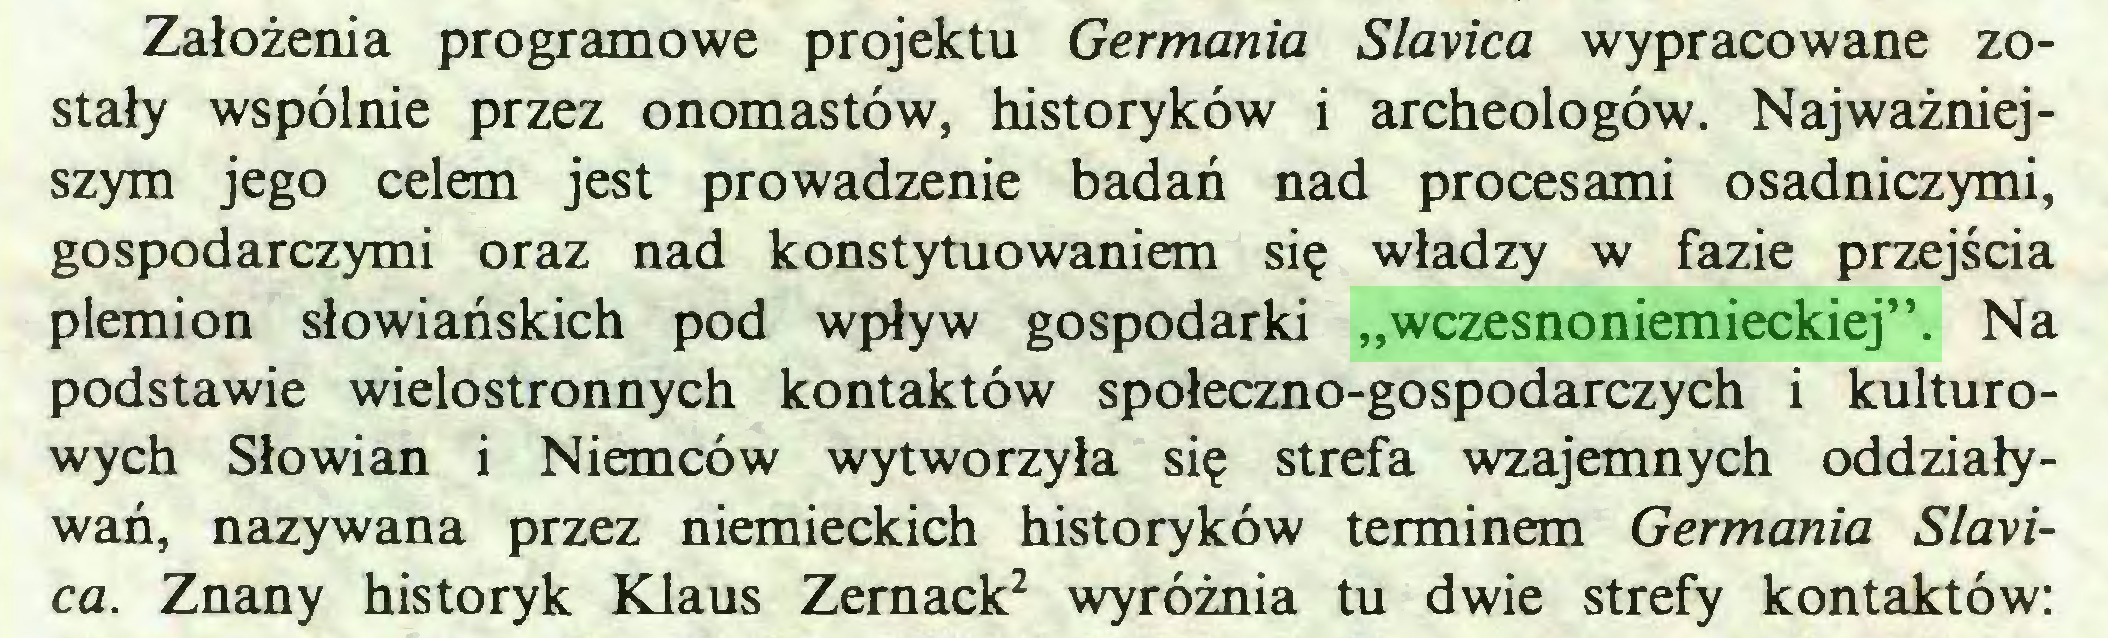 """(...) Założenia programowe projektu Germania Slavica wypracowane zostały wspólnie przez onomastów, historyków i archeologów. Najważniejszym jego celem jest prowadzenie badań nad procesami osadniczymi, gospodarczymi oraz nad konstytuowaniem się władzy w fazie przejścia plemion słowiańskich pod wpływ gospodarki """"wczesnoniemieckiej"""". Na podstawie wielostronnych kontaktów społeczno-gospodarczych i kulturowych Słowian i Niemców wytworzyła się strefa wzajemnych oddziaływań, nazywana przez niemieckich historyków terminem Germania Slavica. Znany historyk Klaus Zernack2 wyróżnia tu dwie strefy kontaktów:..."""